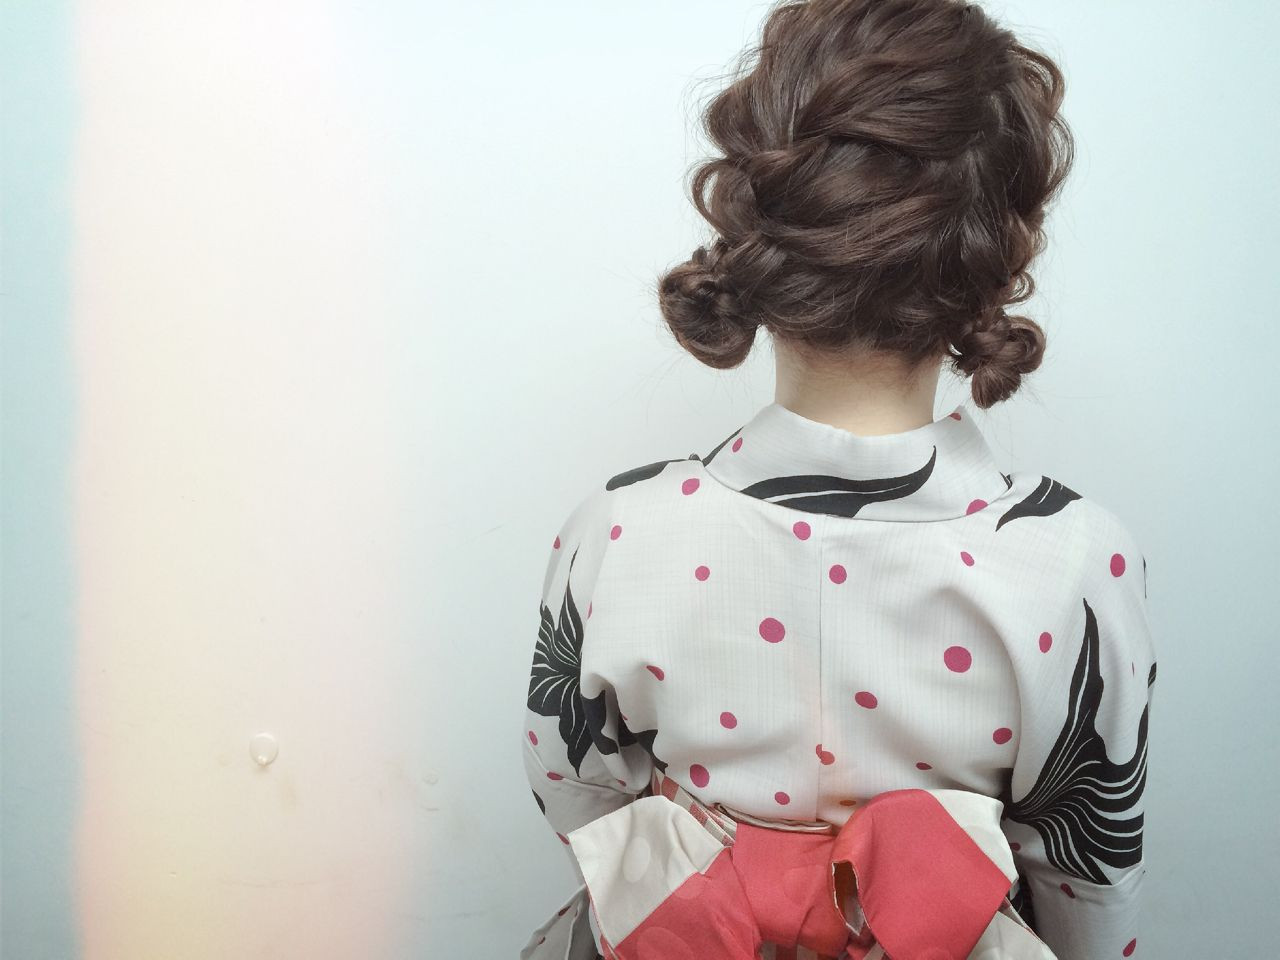 ヘアアレンジ 愛され モテ髪 和装 ヘアスタイルや髪型の写真・画像